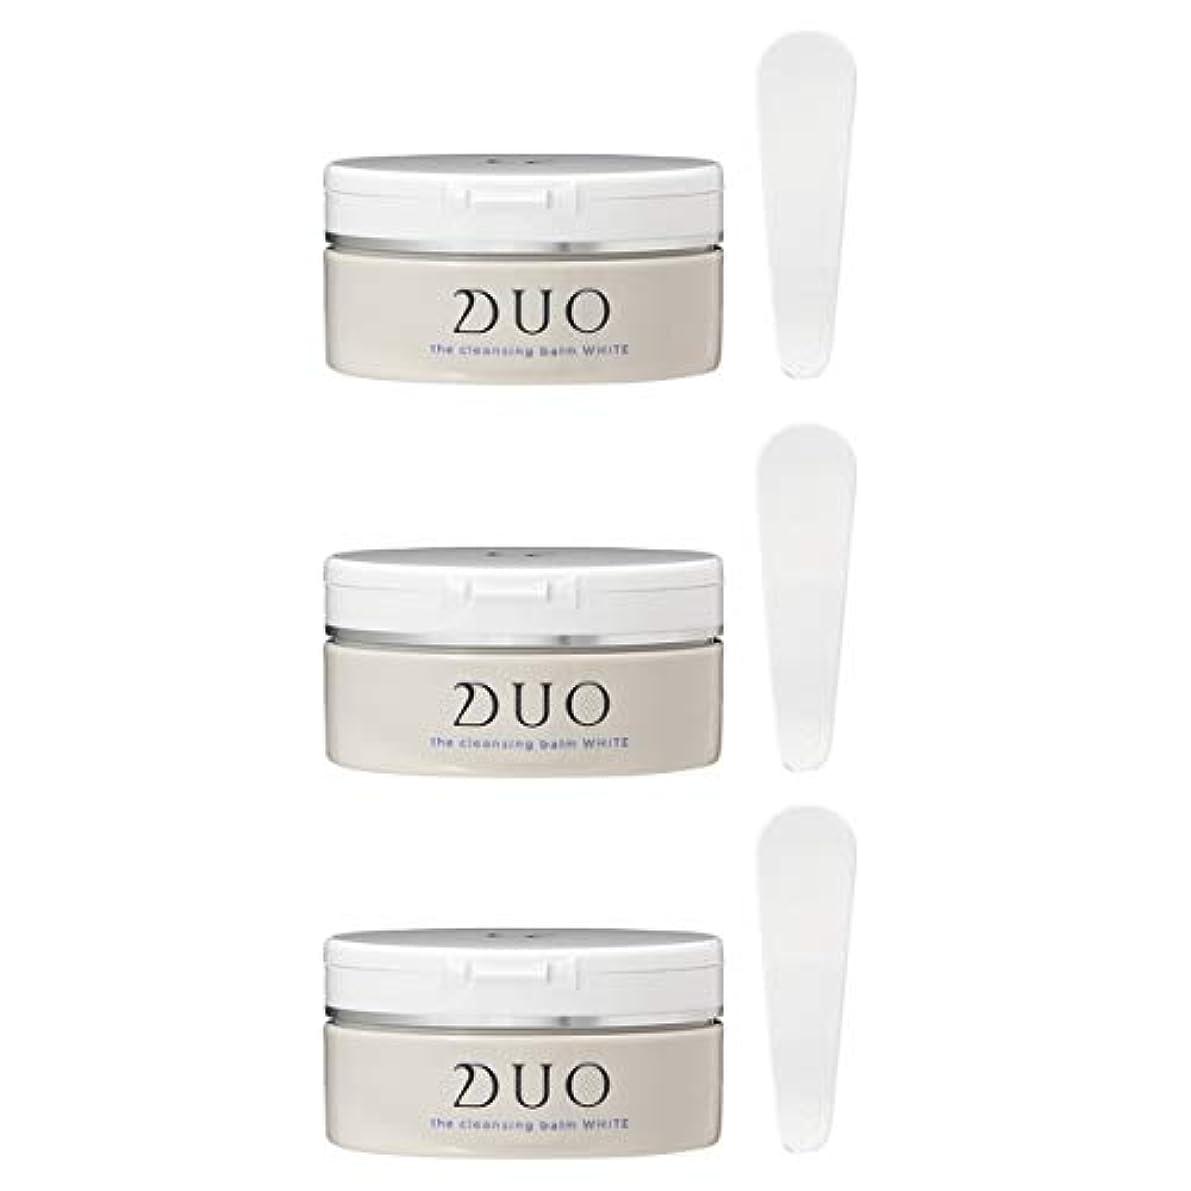 エンゲージメント装置器用デュオ D.U.O. ザ クレンジングバーム ホワイト 90g 【3個セット】